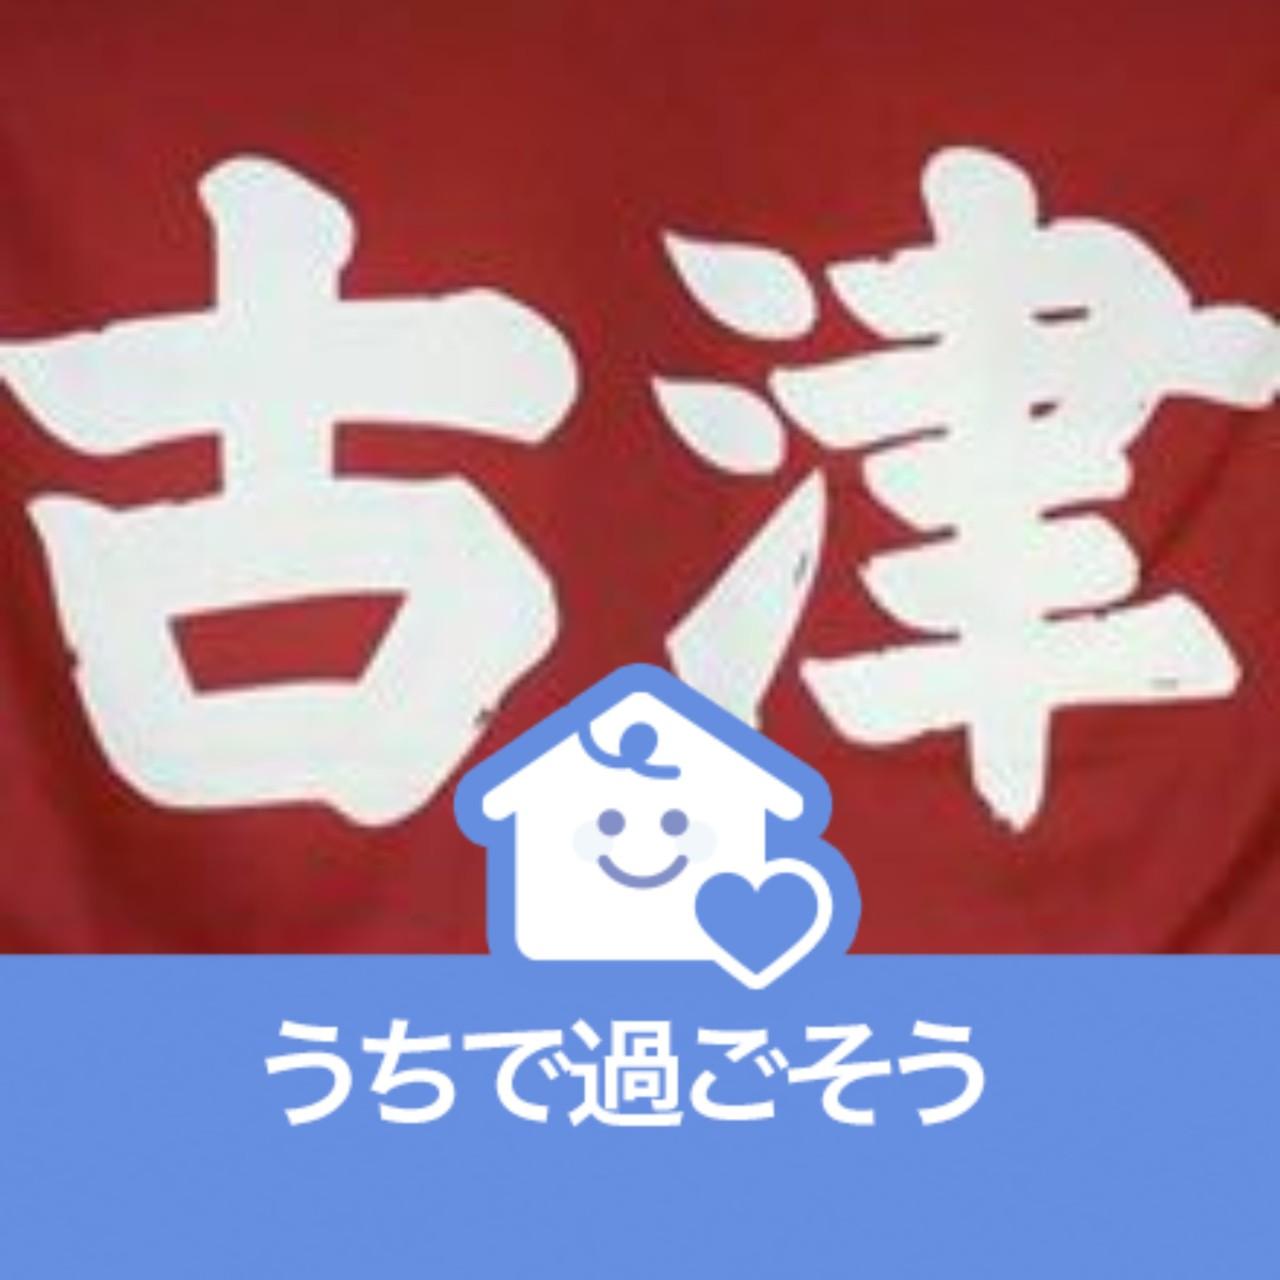 鈴木マサル